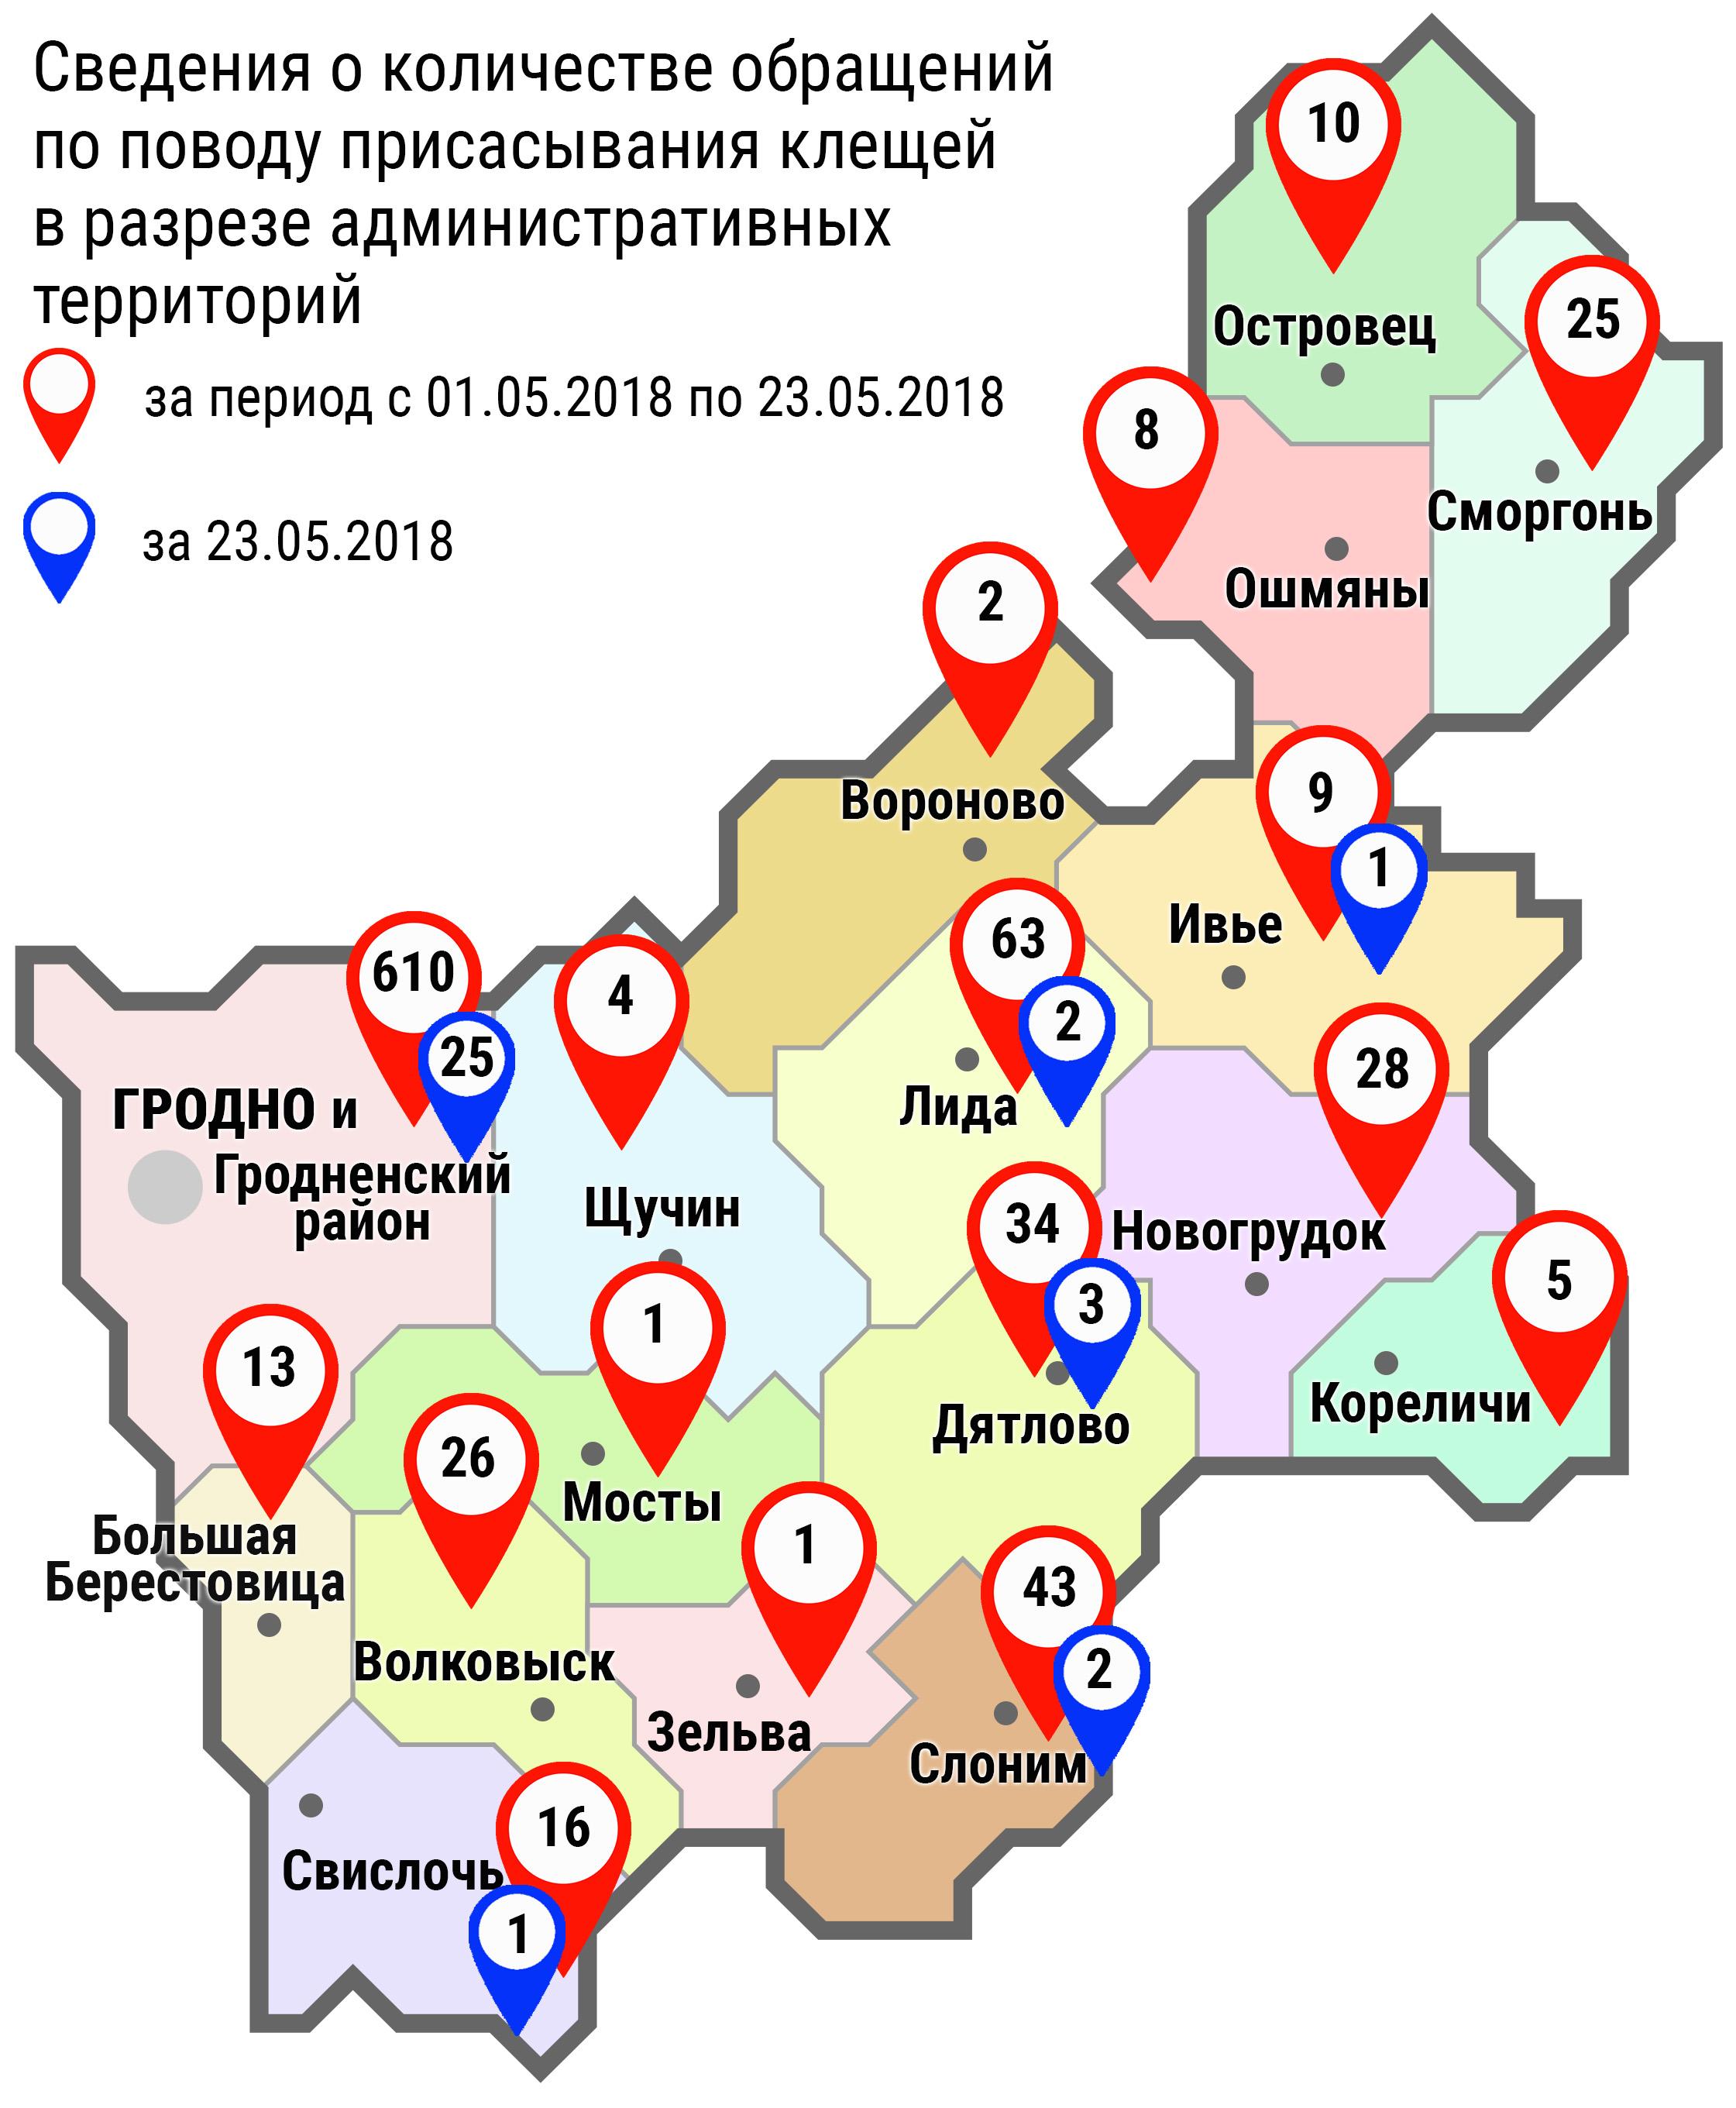 За период с 01.05.2018 по 23.05.2018 в организации здравоохранения области по поводу укусов клещей обратилось 898 человек, в том числе 23.05.2018 — 34 человек